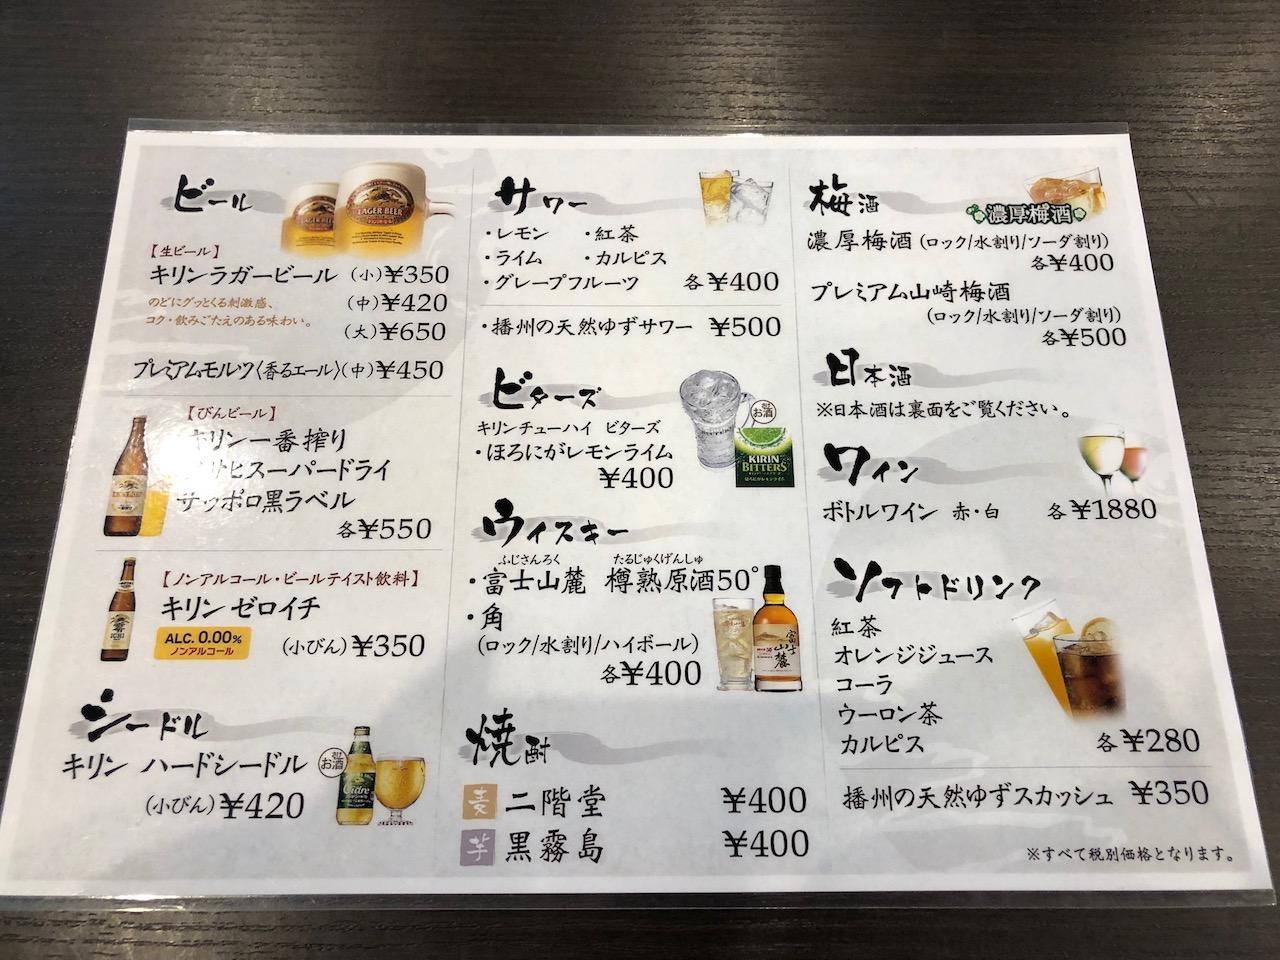 坊勢からやってきたしらす丼が最高に美味い!姫路駅すぐの天晴水産 ぽっぽ家が熱い!